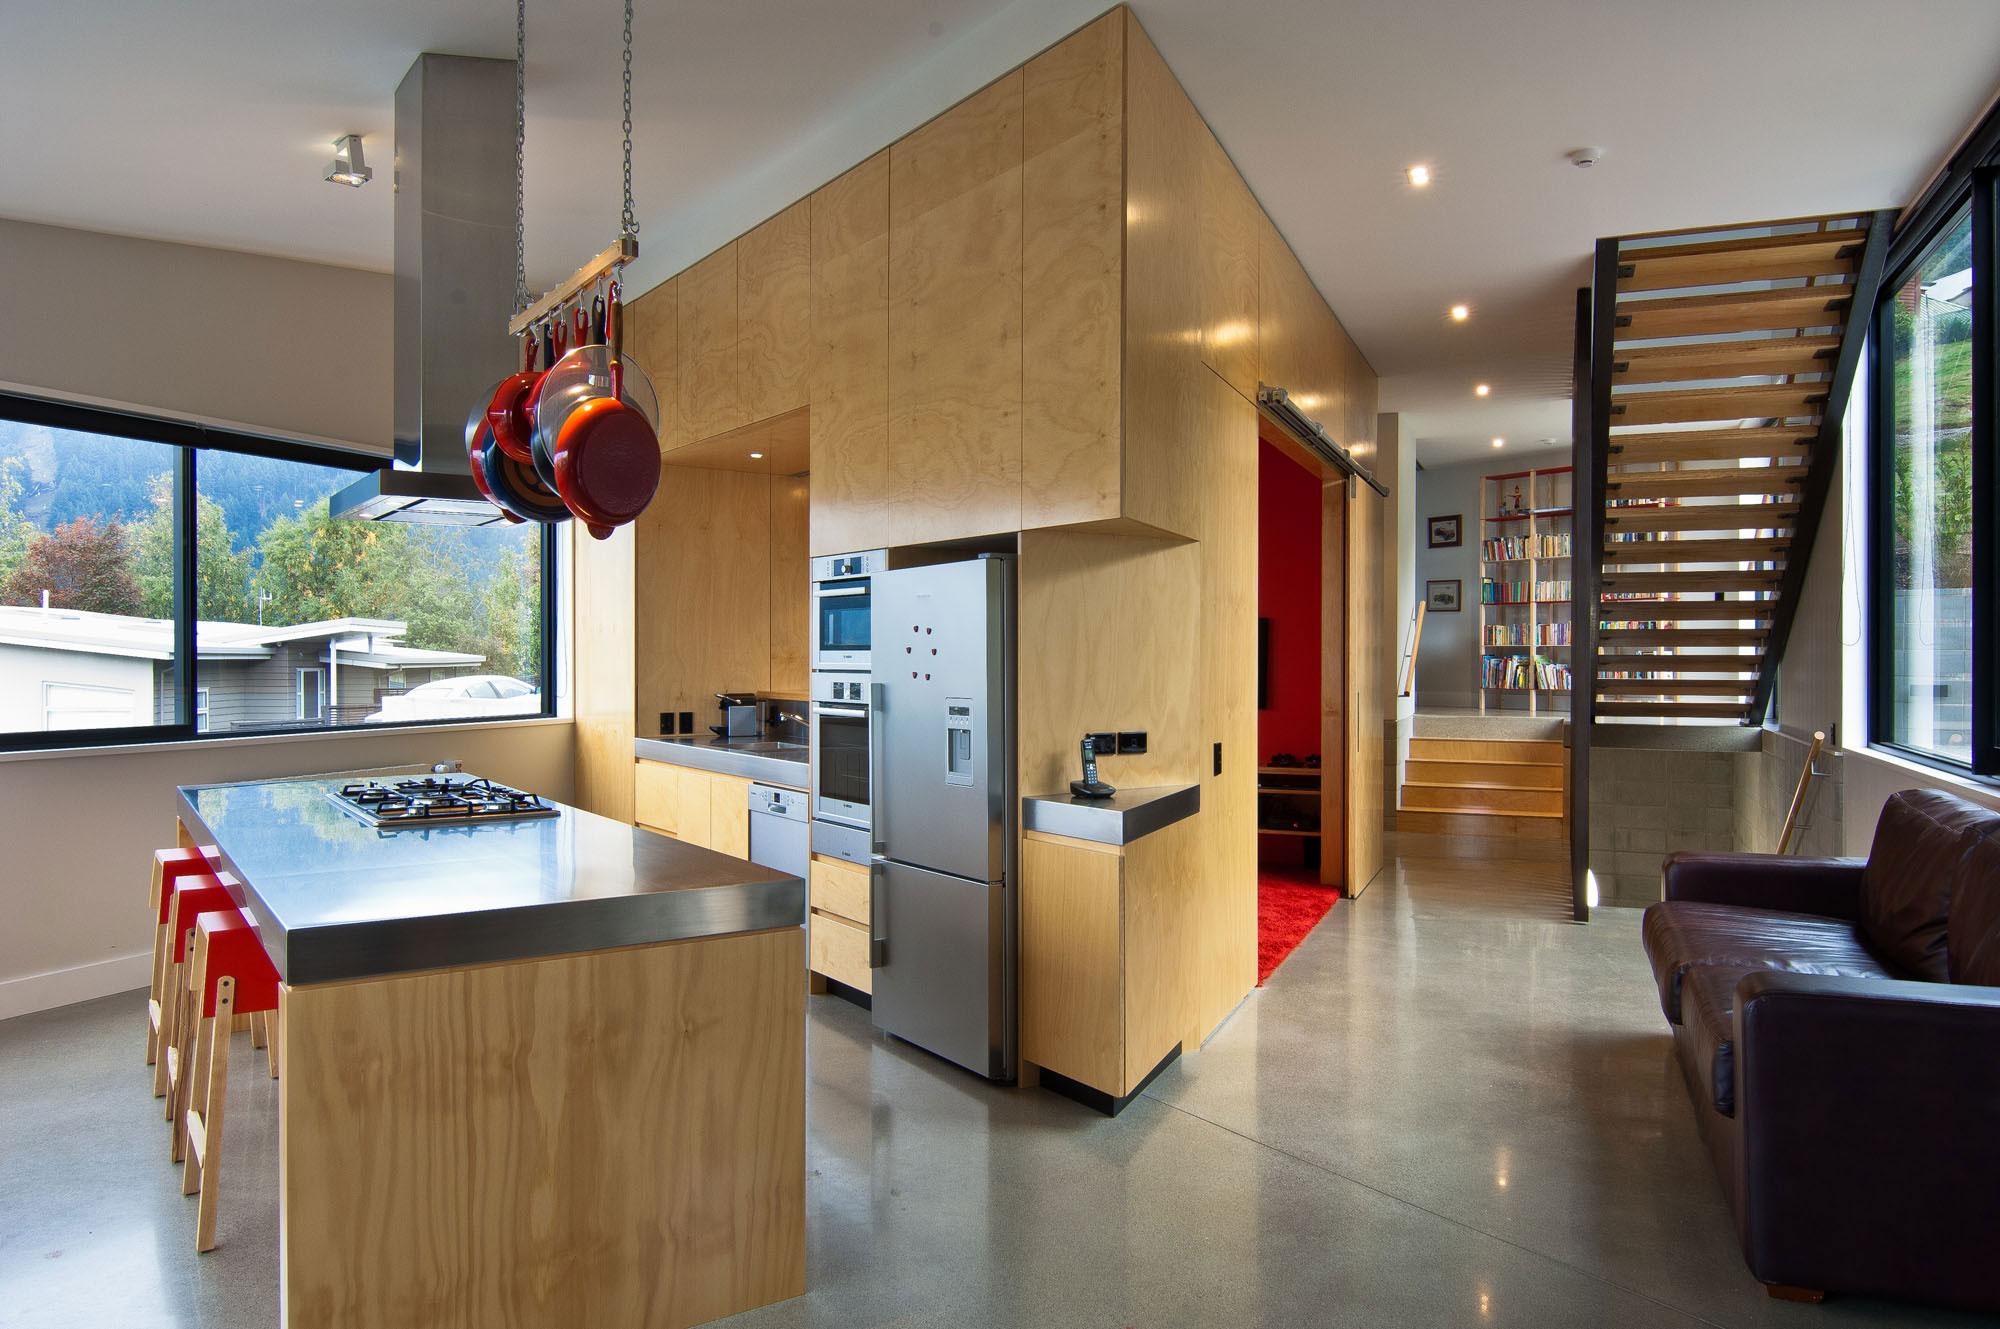 Тенденции в дизайне кухонь 2016 года - смешение дерева и металла